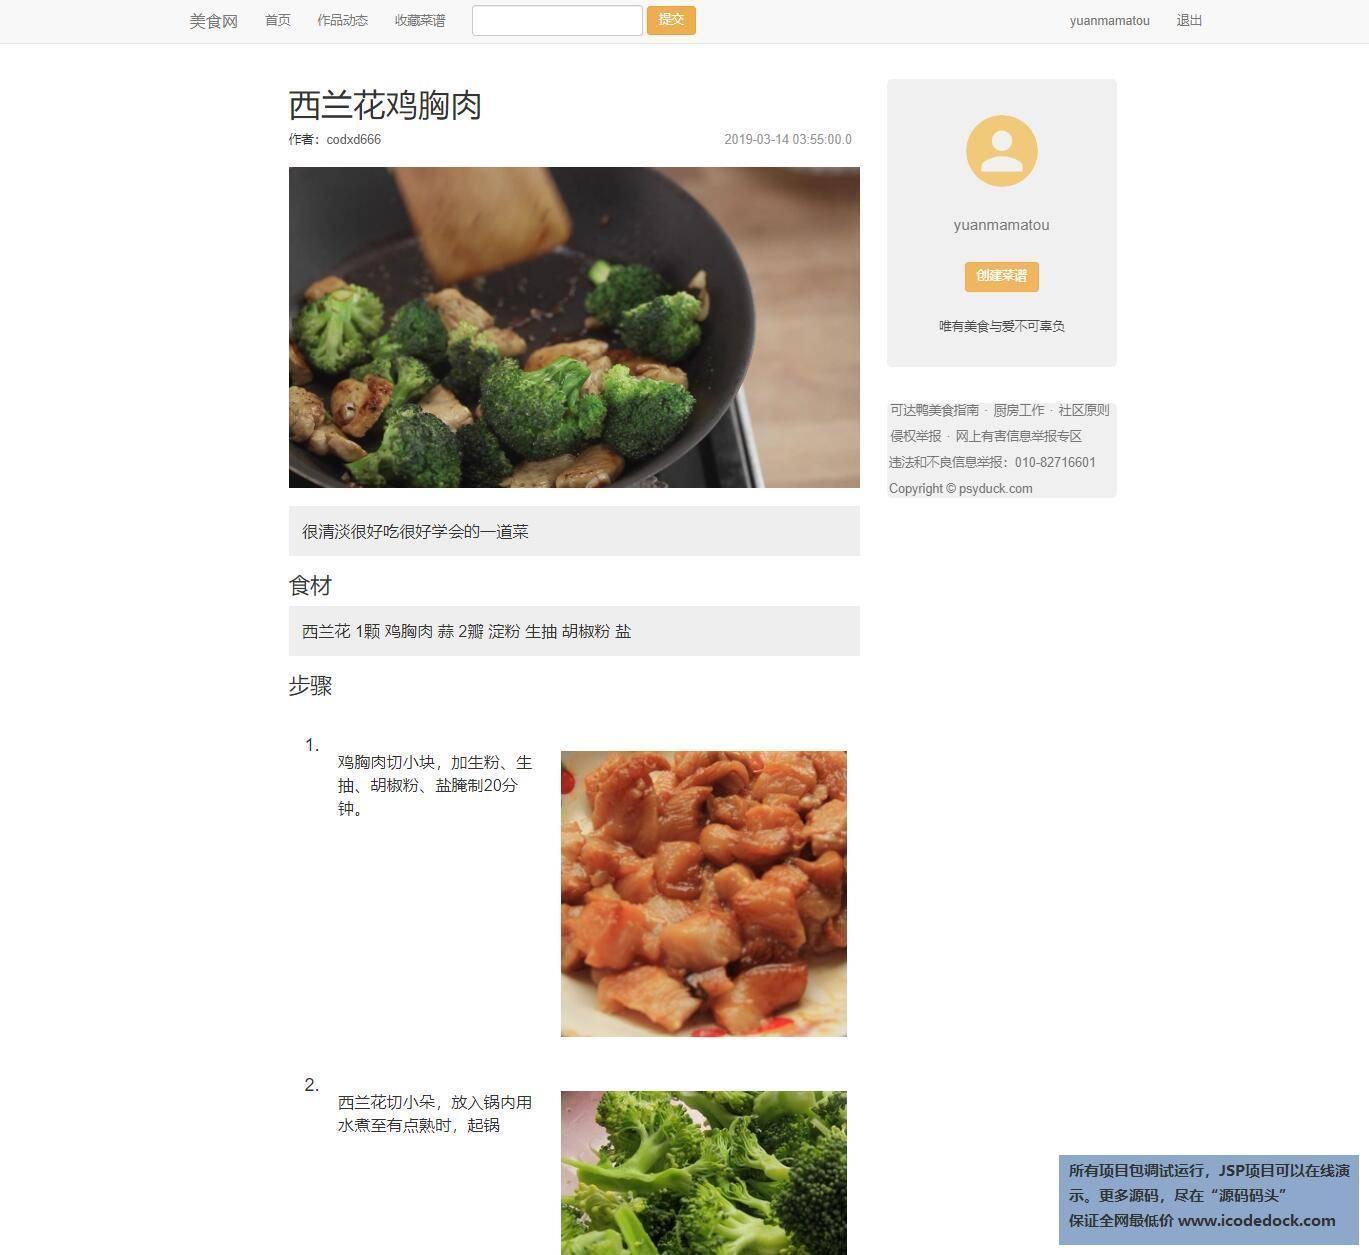 源码码头-JSP美食菜谱分享系统-用户角色-查看菜谱